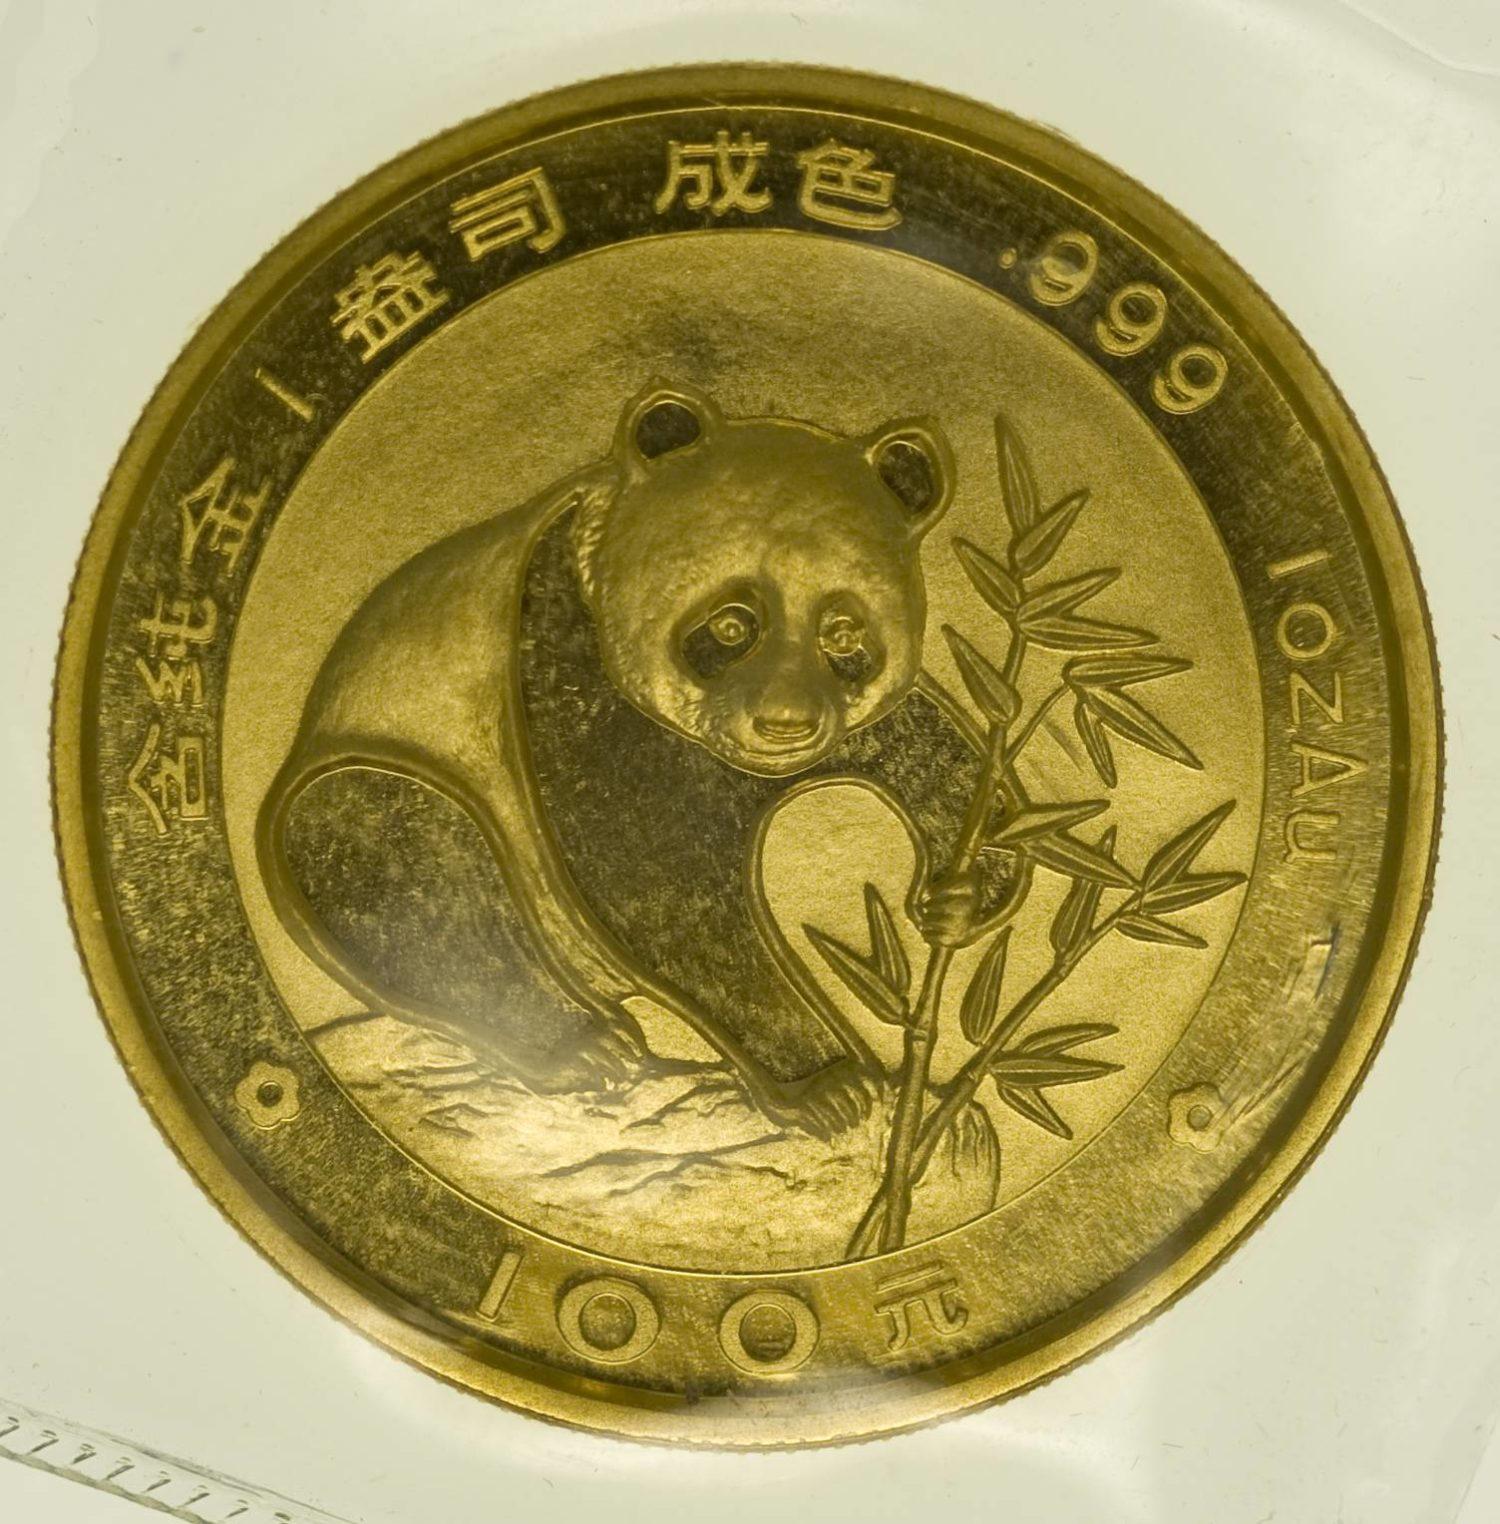 1 Unze Goldmünze China Panda 1988 100 Yuan 31,1 Gramm Gold RAR